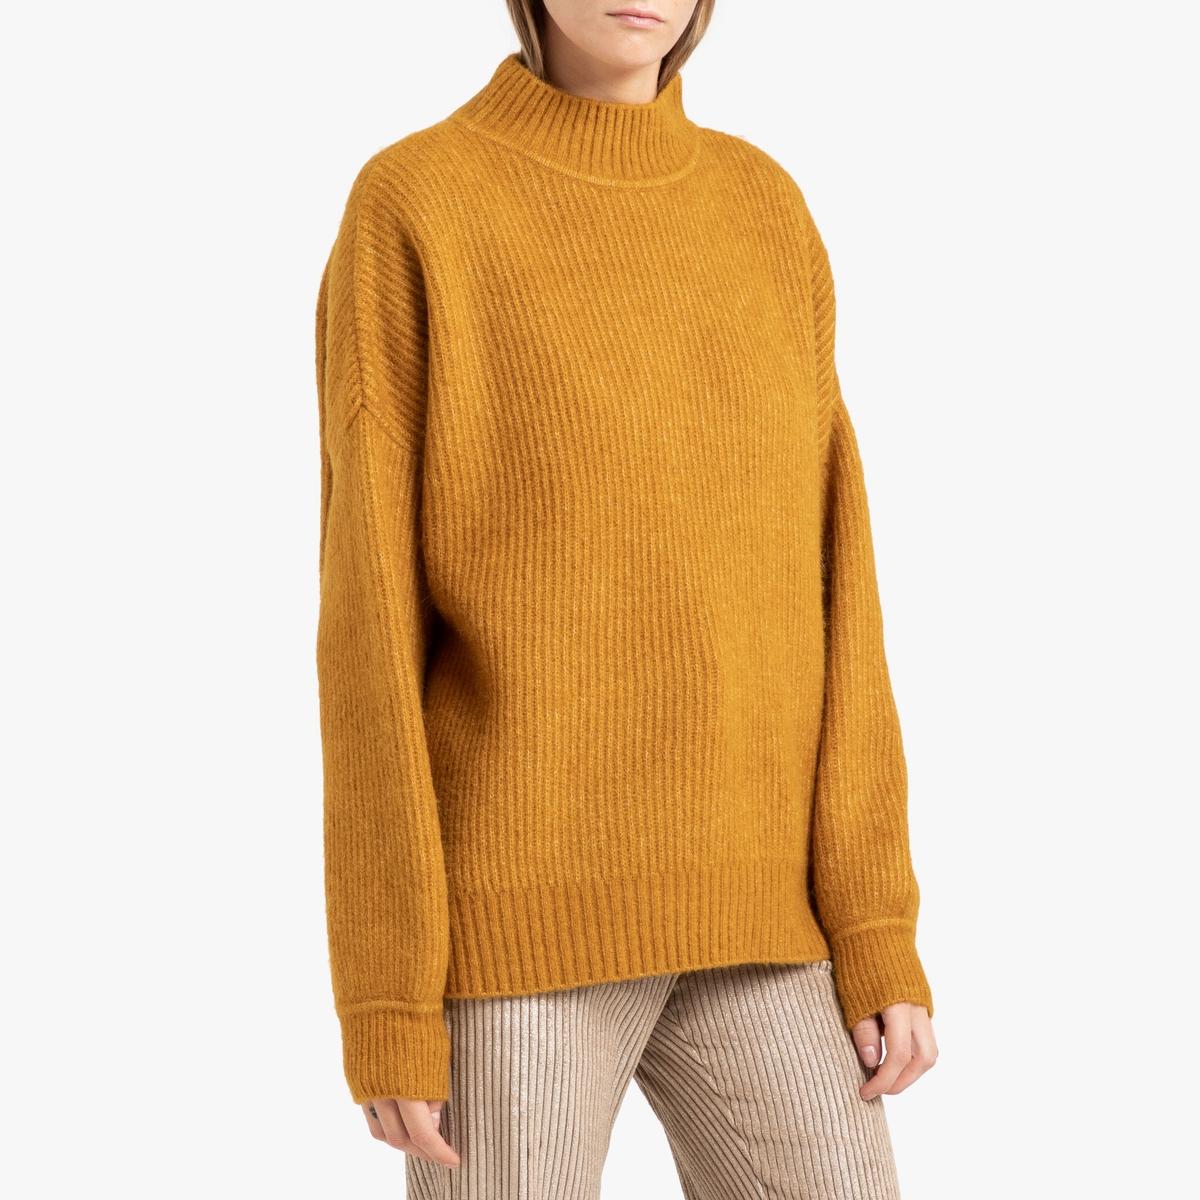 Пуловер La Redoute Длинный с воротником-стойкой из трикотажа PITKIN S желтый цена и фото